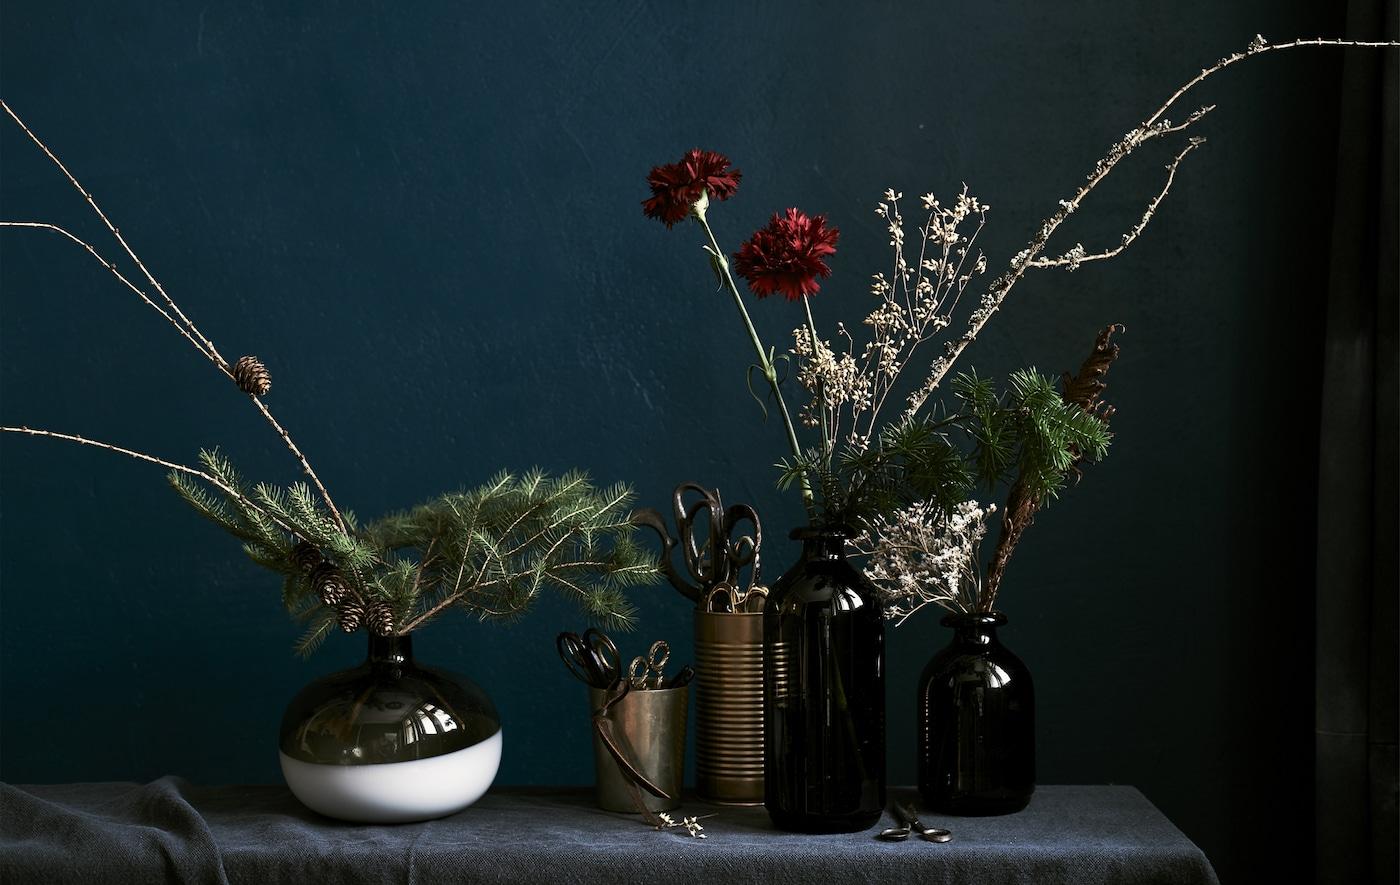 Erikokoisia kukka-asetelmia erilaisissa maljakoissa tummaa taustaa vasten.